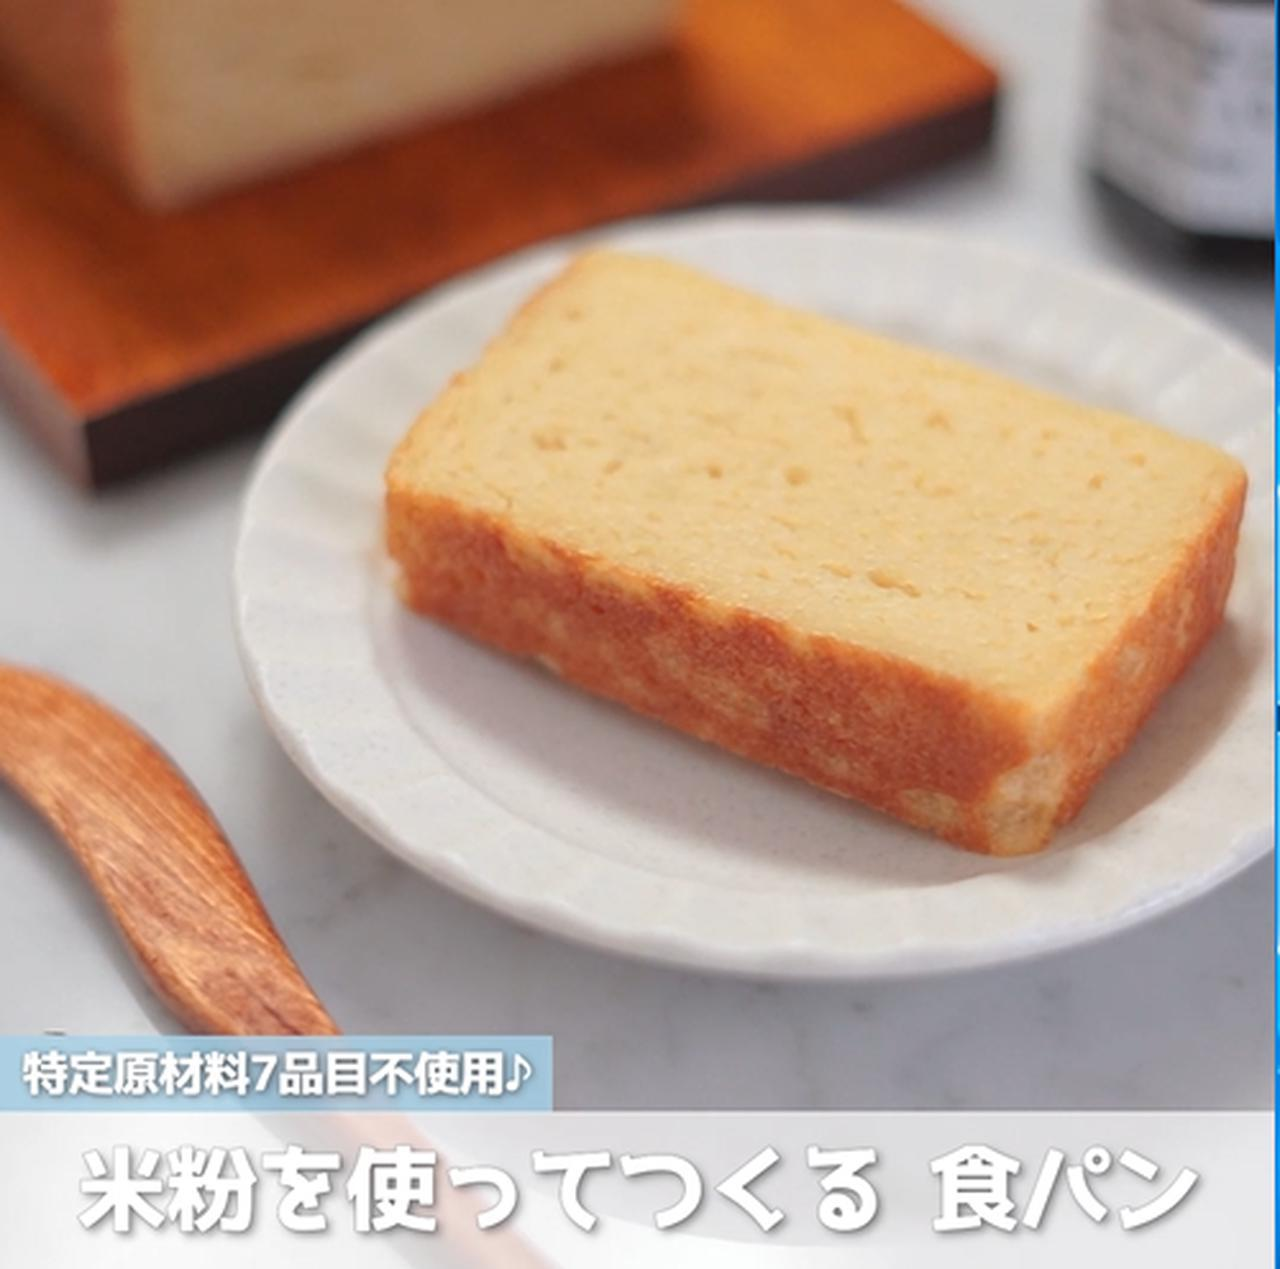 画像: オーブンから香るいいにおいがたまらない!米粉を使ってつくる食パン - 君とごはん